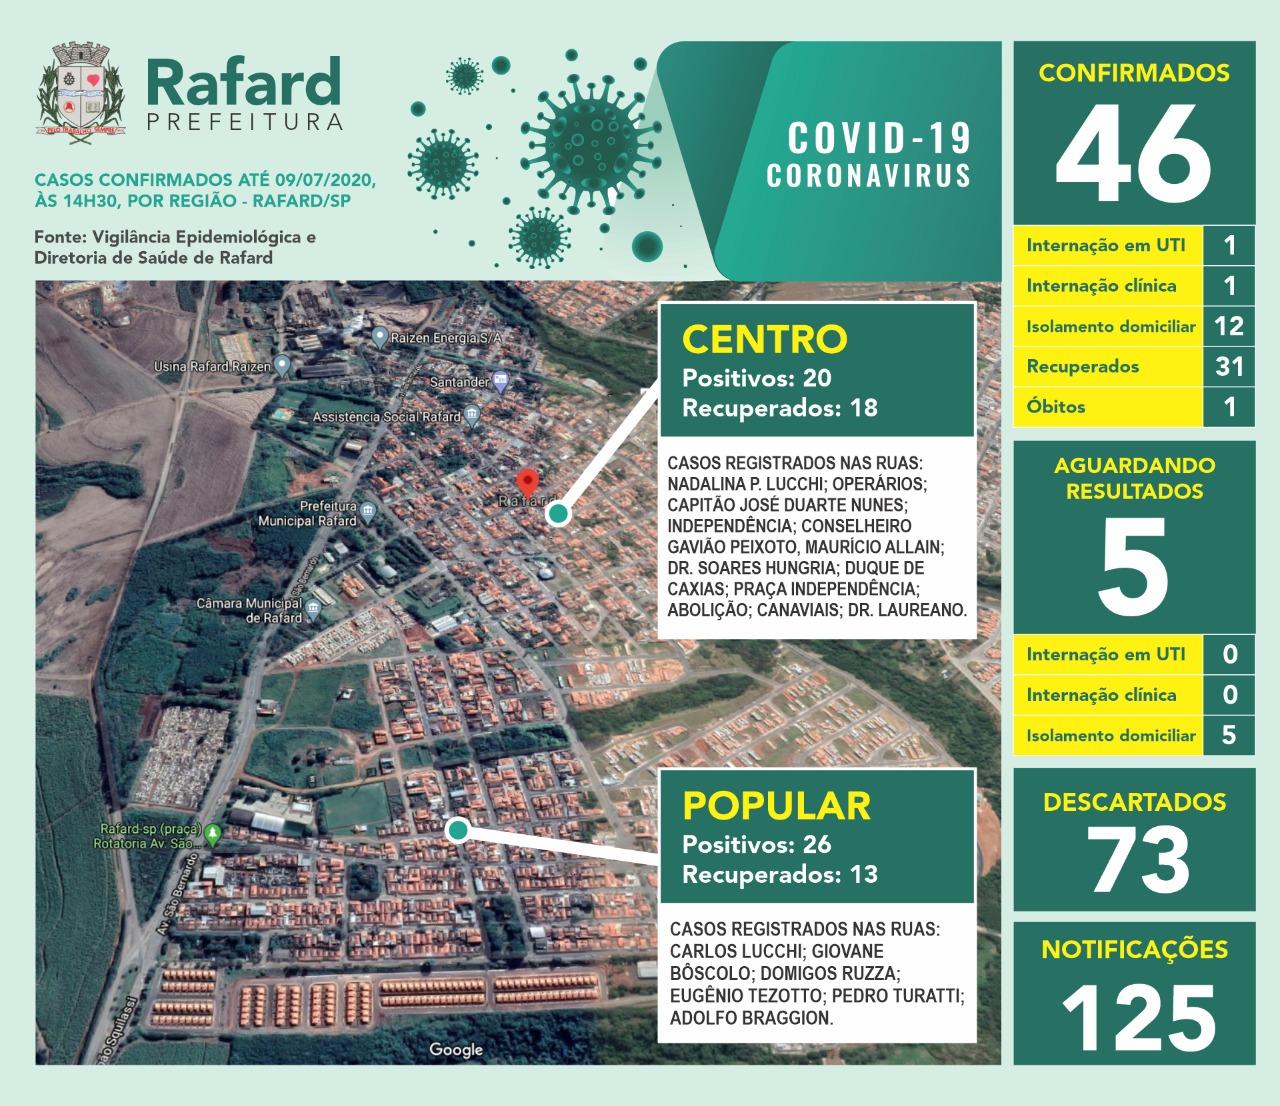 67% dos casos positivos estão recuperados em Rafard